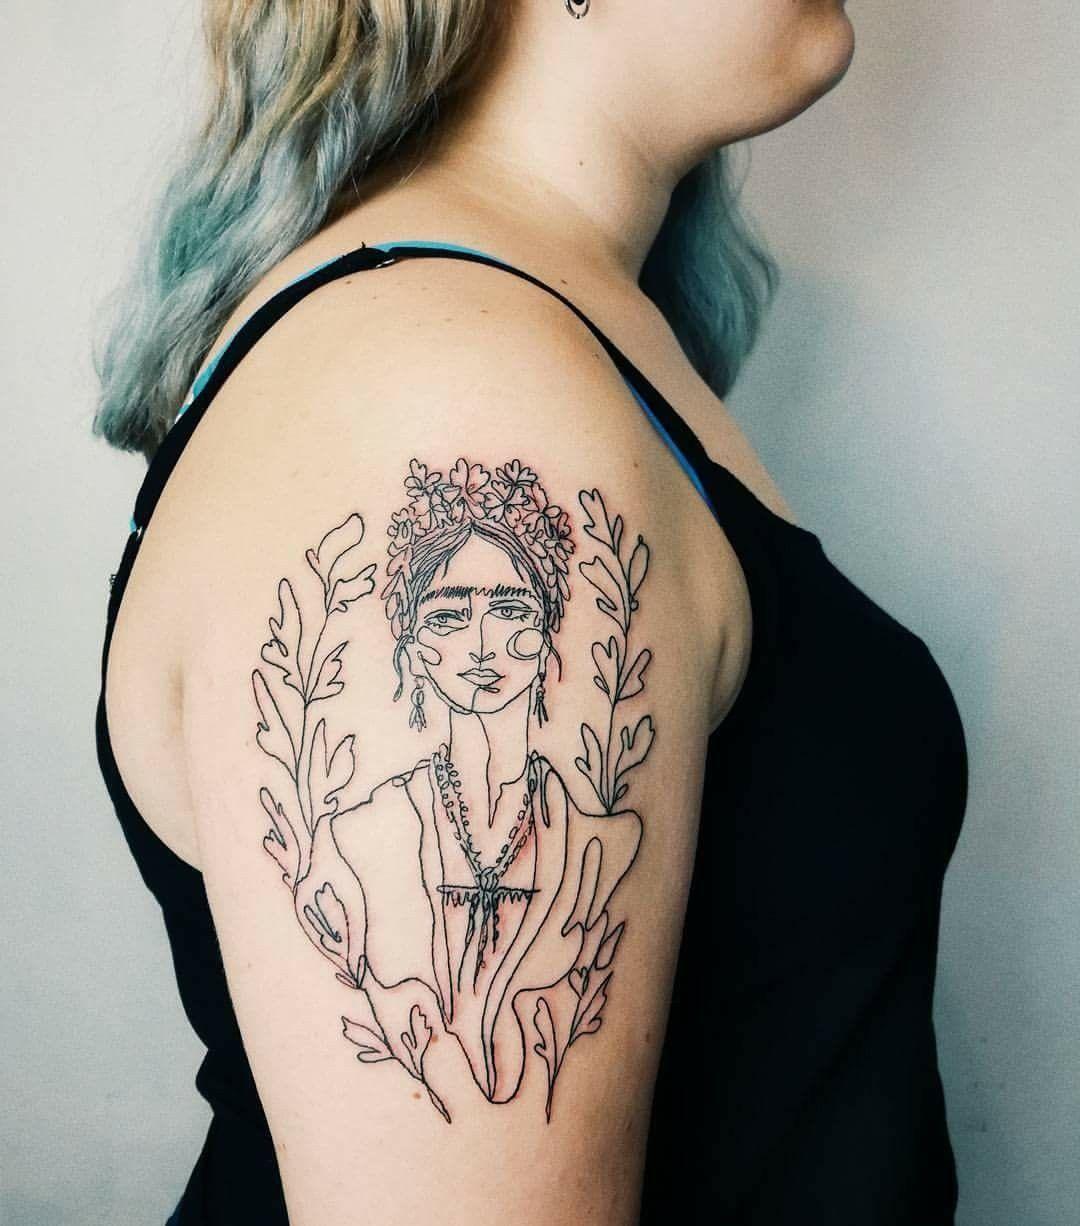 Frida Kahlo Tattoo Tattoos Body Art Tattoos Pretty Tattoos